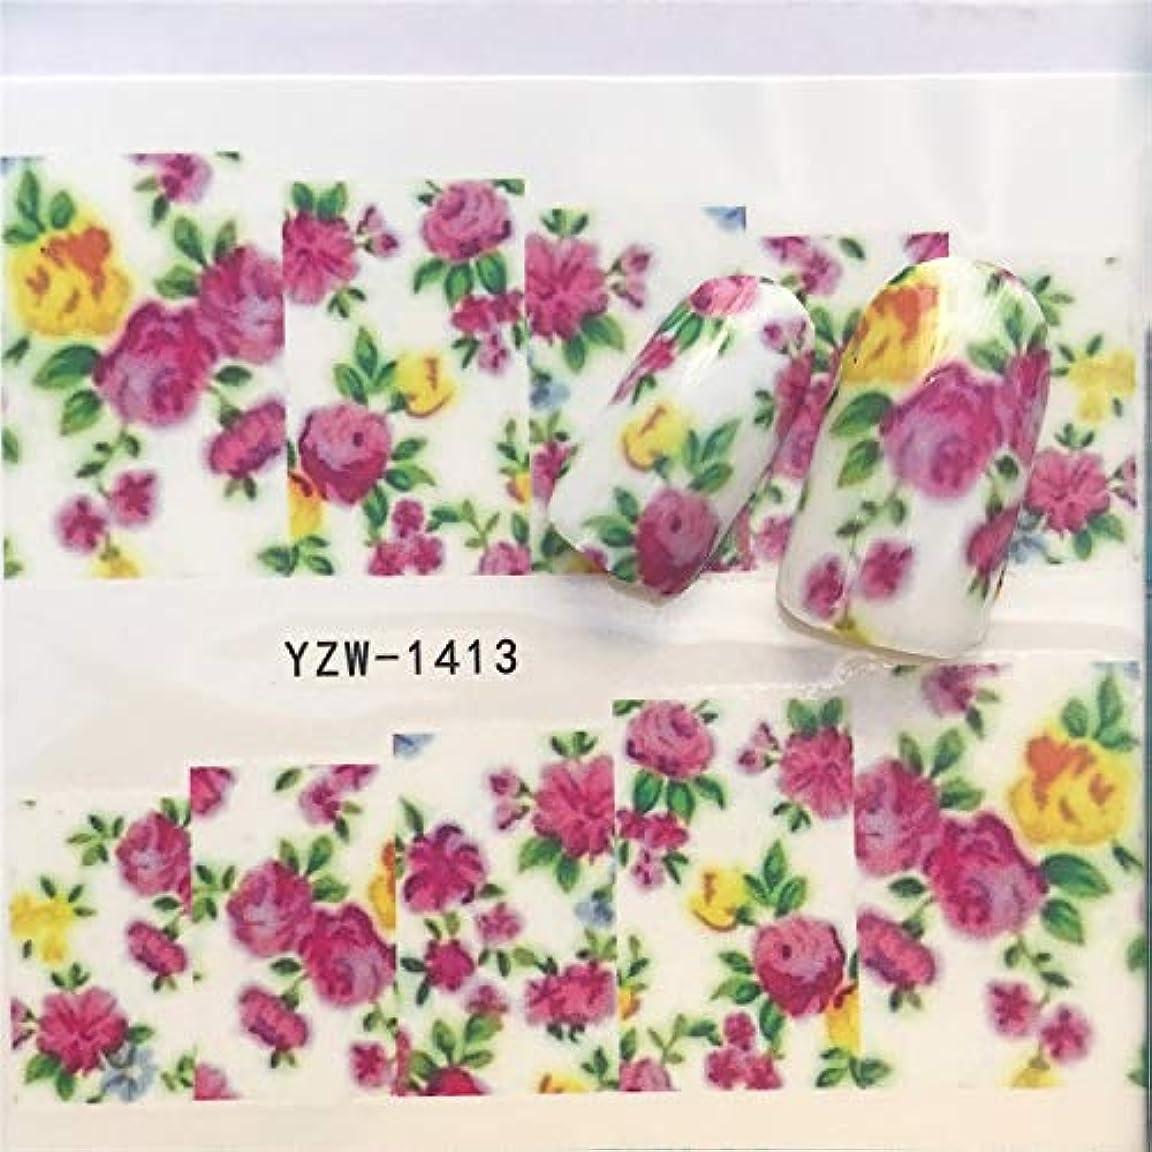 最後の免除する夫婦ビューティー&パーソナルケア 3個ネイルステッカーセットデカール水転写スライダーネイルアートデコレーション、色:YZW 1413 ステッカー&デカール